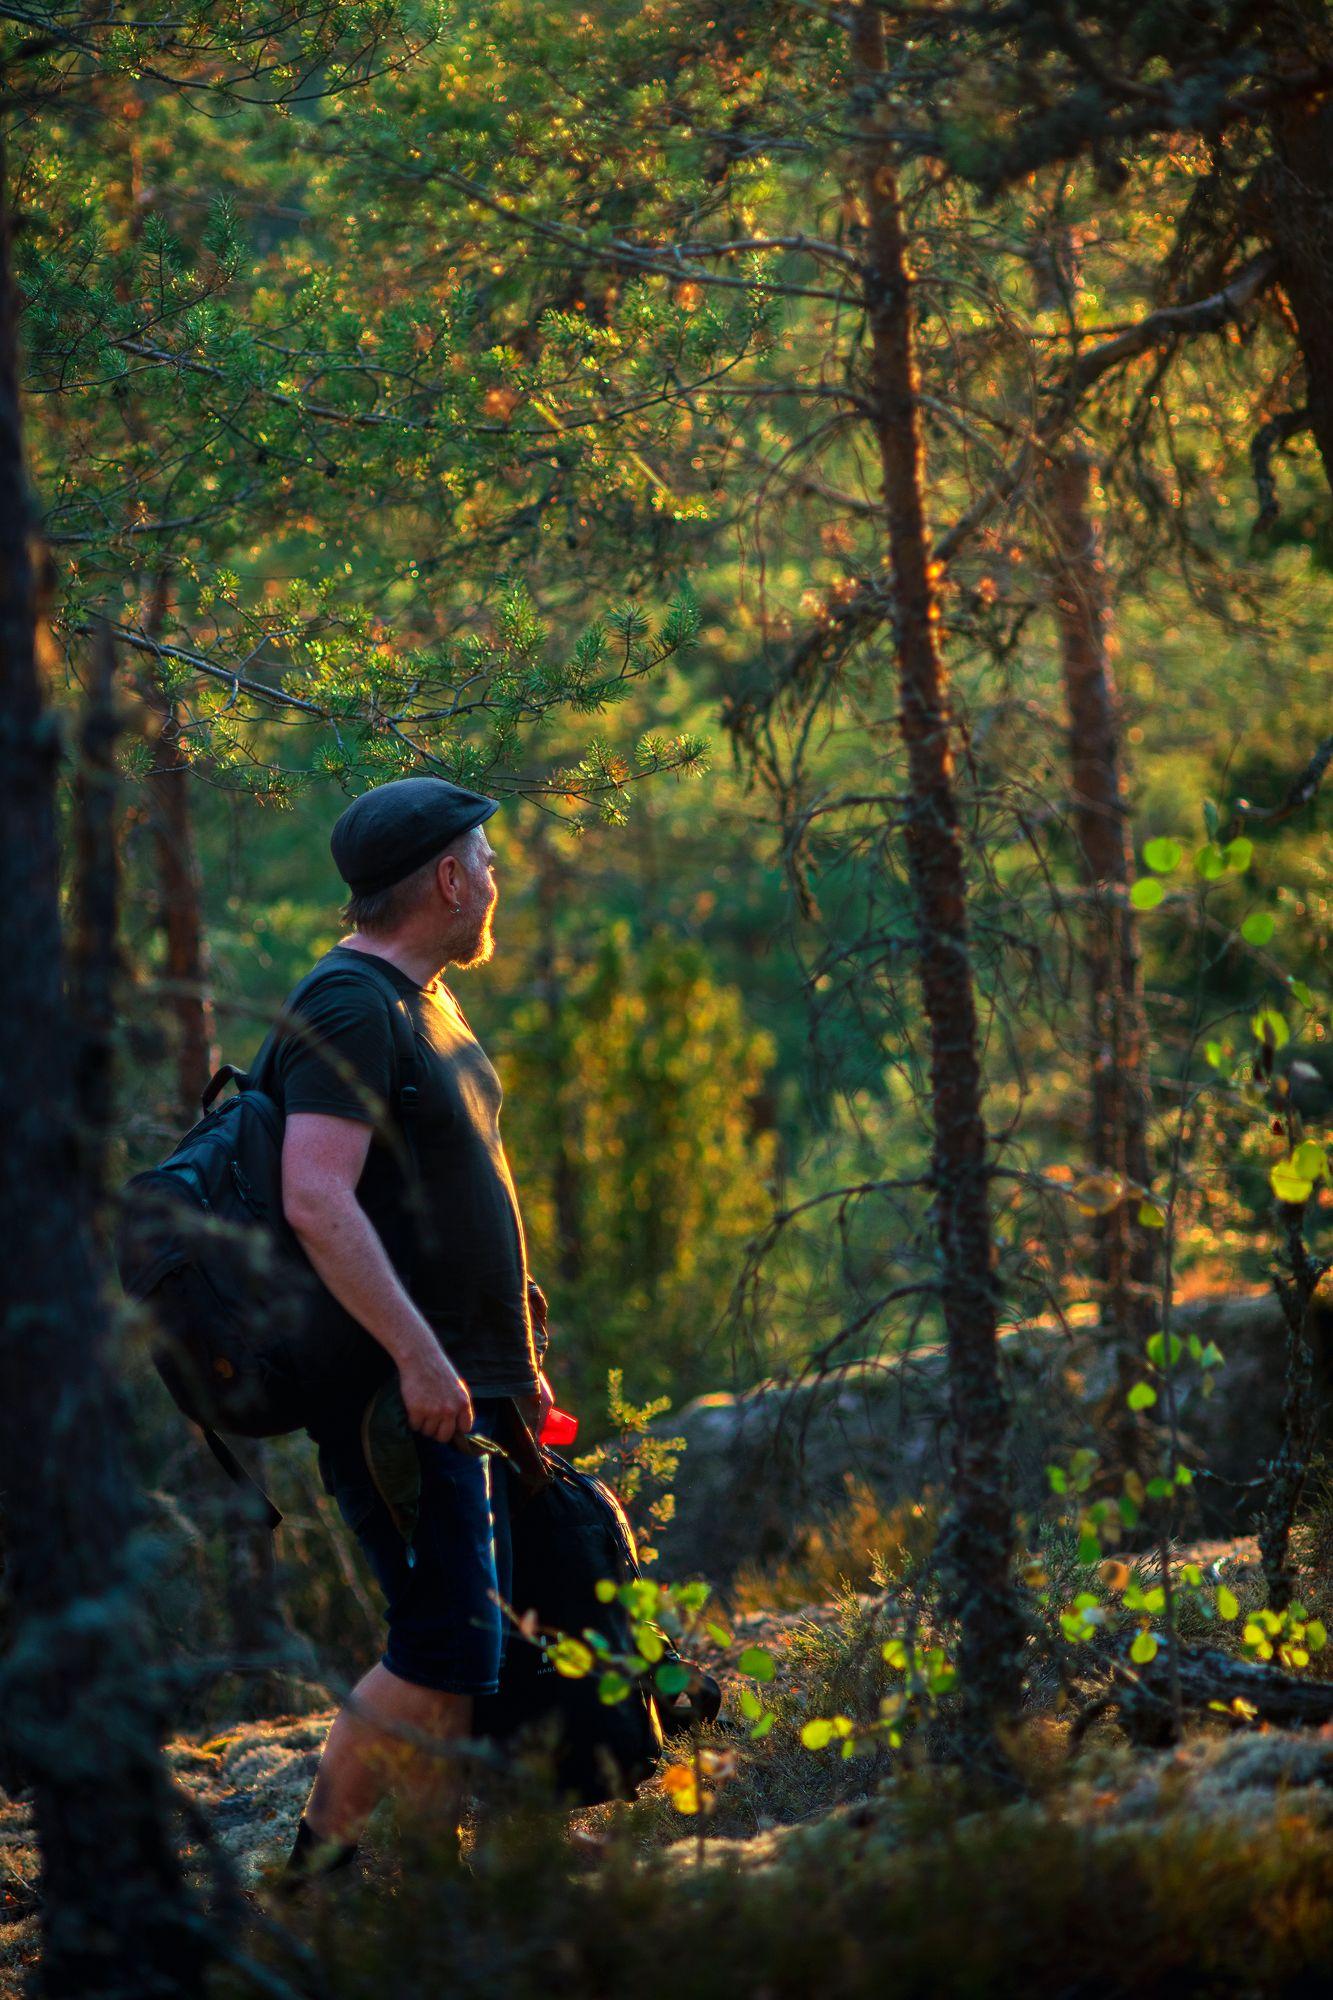 Olen ehdottomasti henkilö, joka mieltää itsensä kansallisromanttiseksi metsissä samoilijaksi, linnuille ja oraville puhelijaksi ja puiden halailijaksi. Silti todellisuus on toisenlainen. © Sampo Korhonen